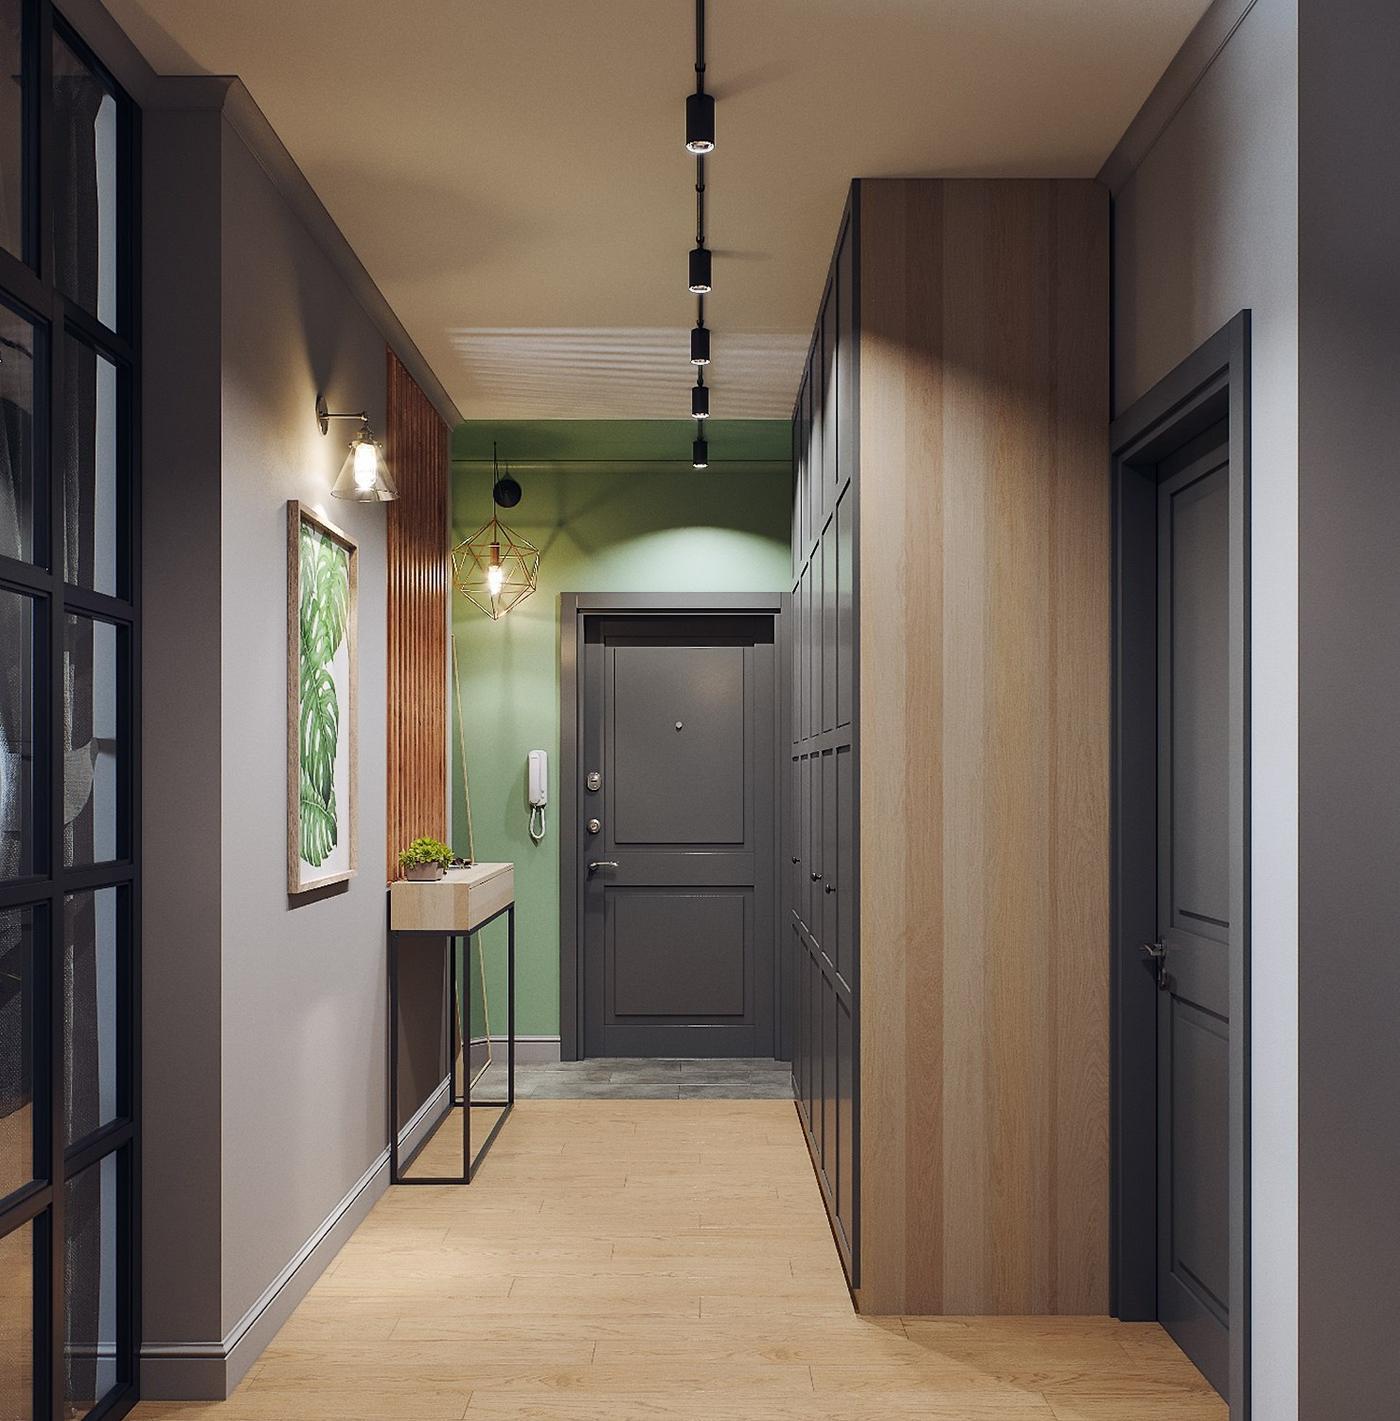 Акцентное освещение картин шинными светильниками в коридоре